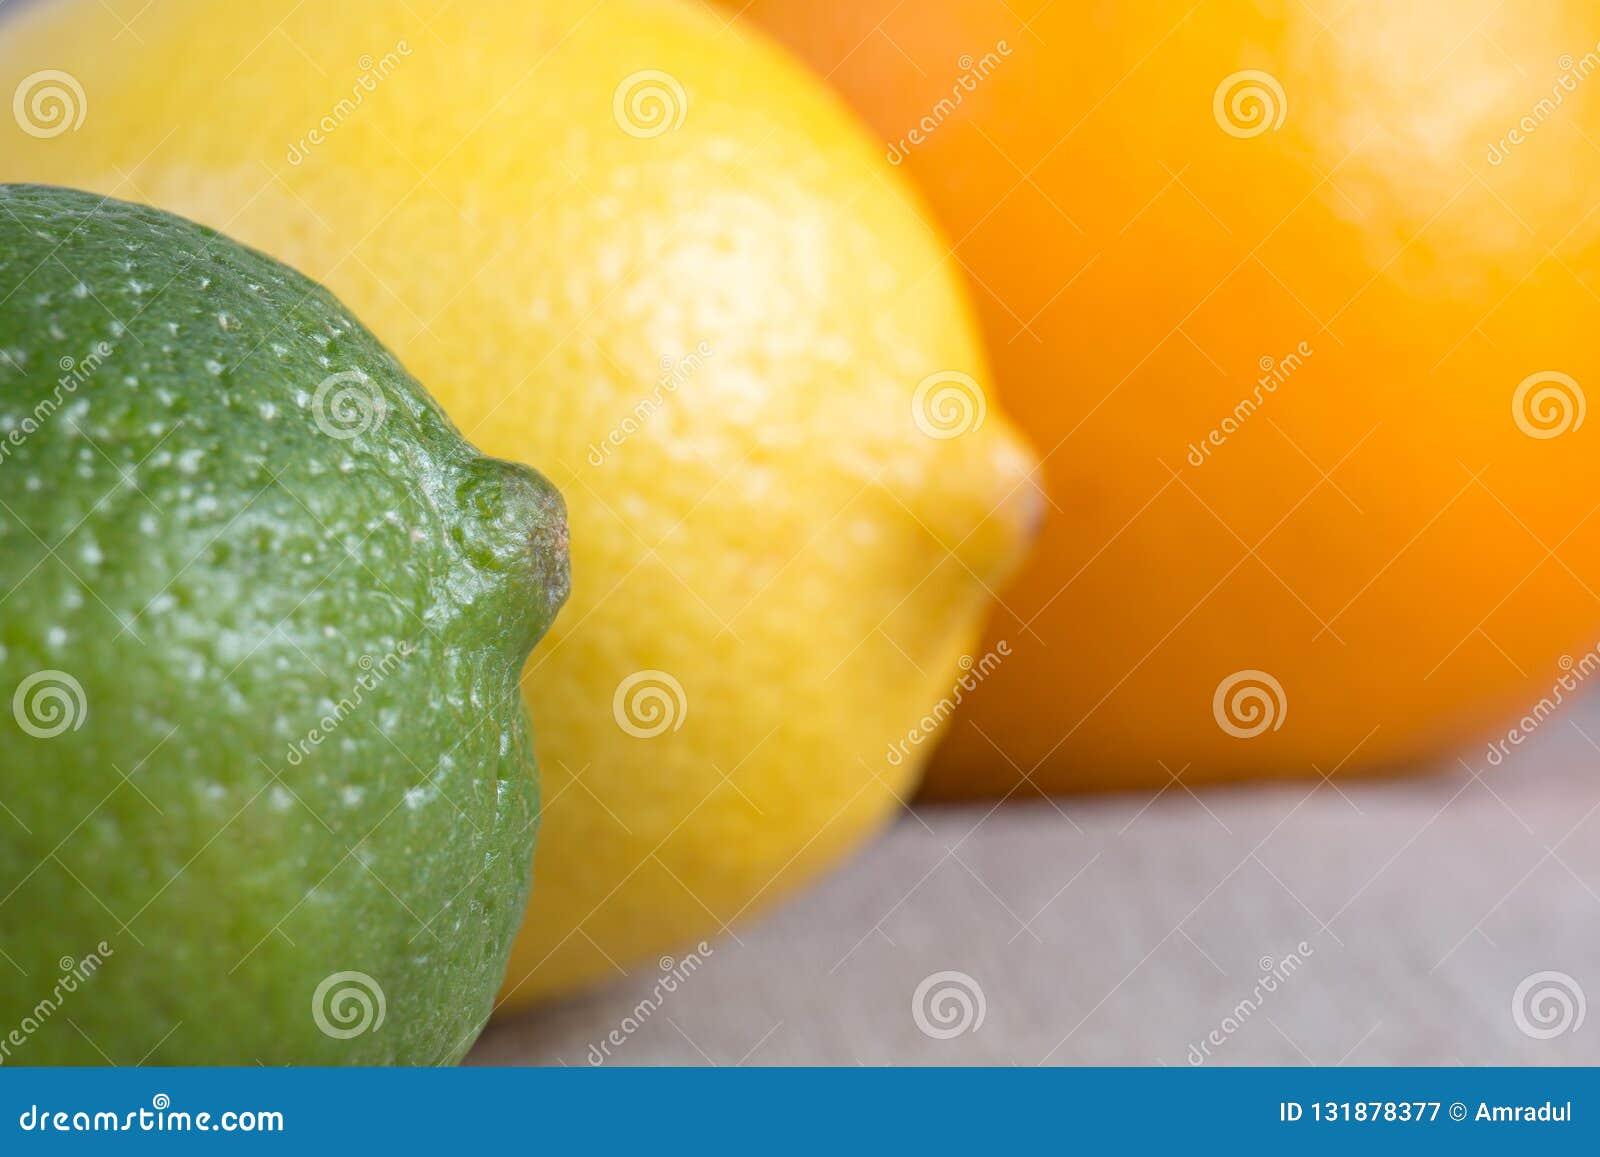 Ny limefrukt, citron och apelsin apelsiner för citrusfruktcitronlimefrukter